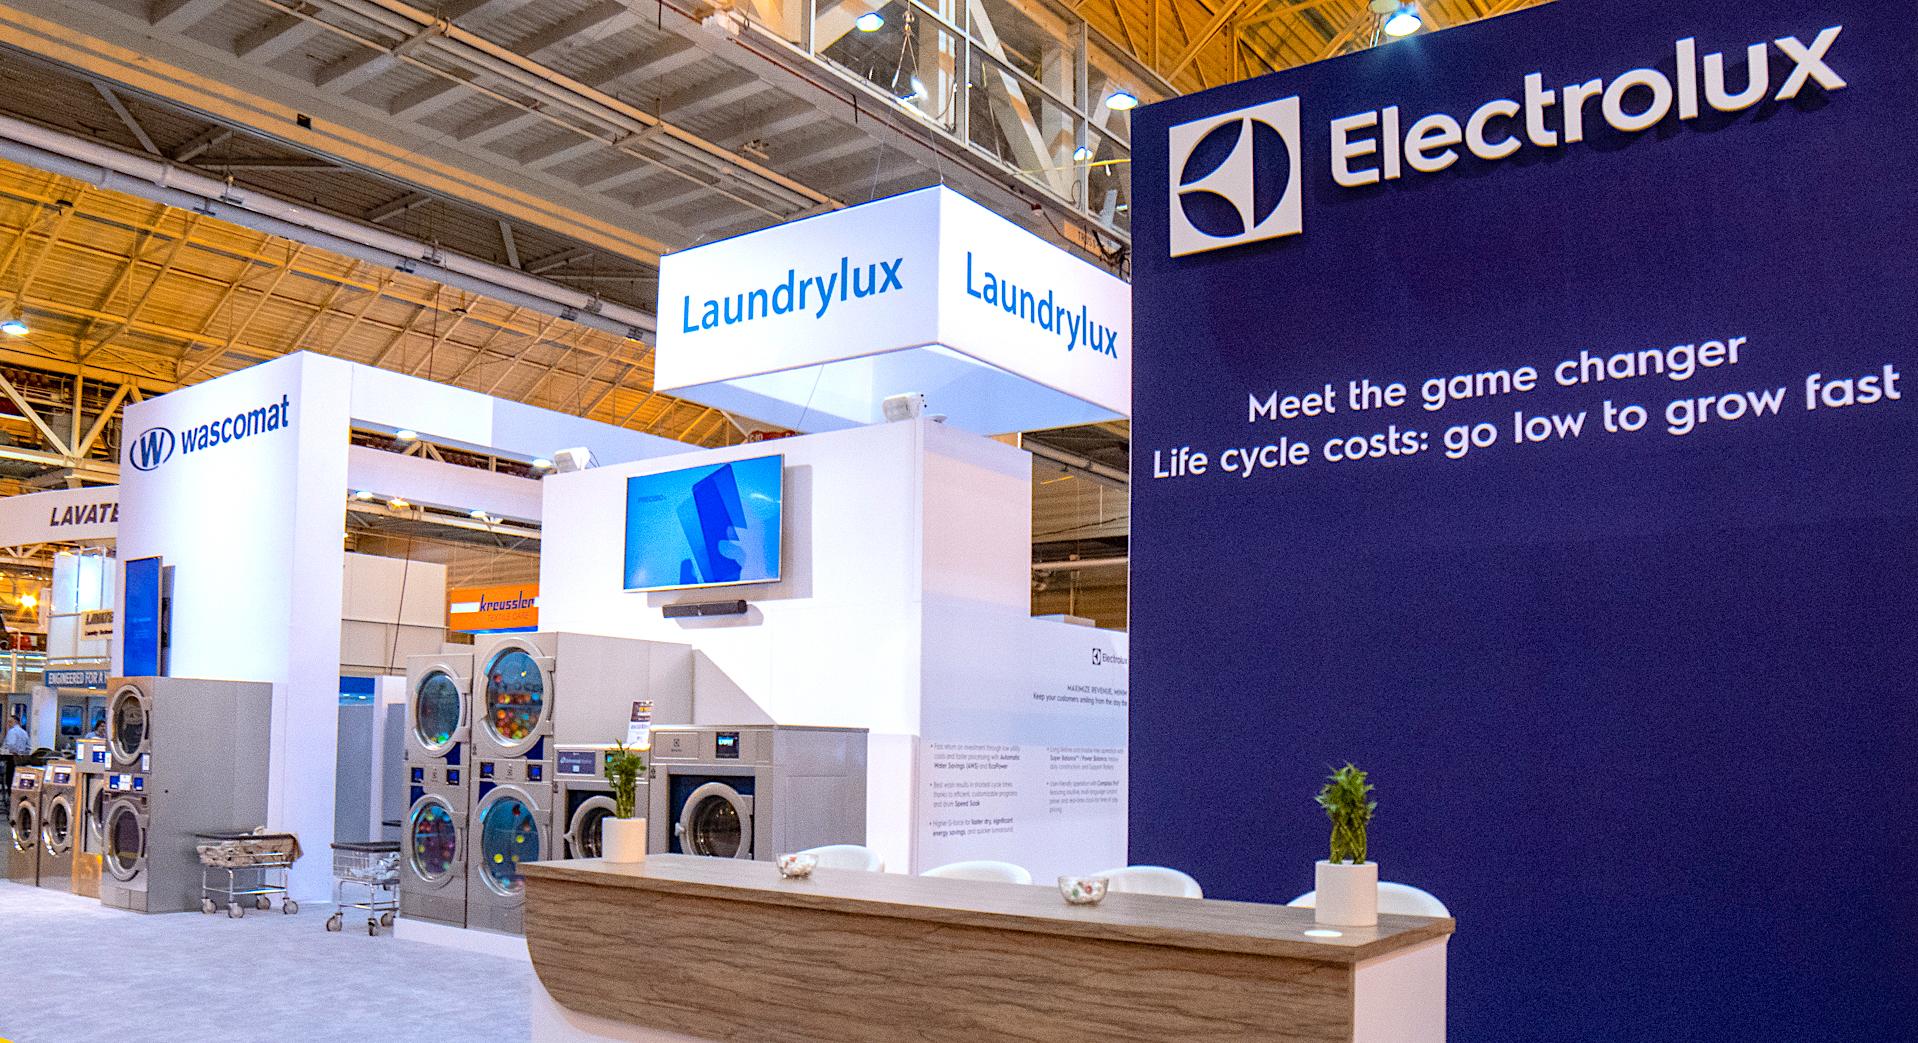 Laundrylux Clean Show 2019